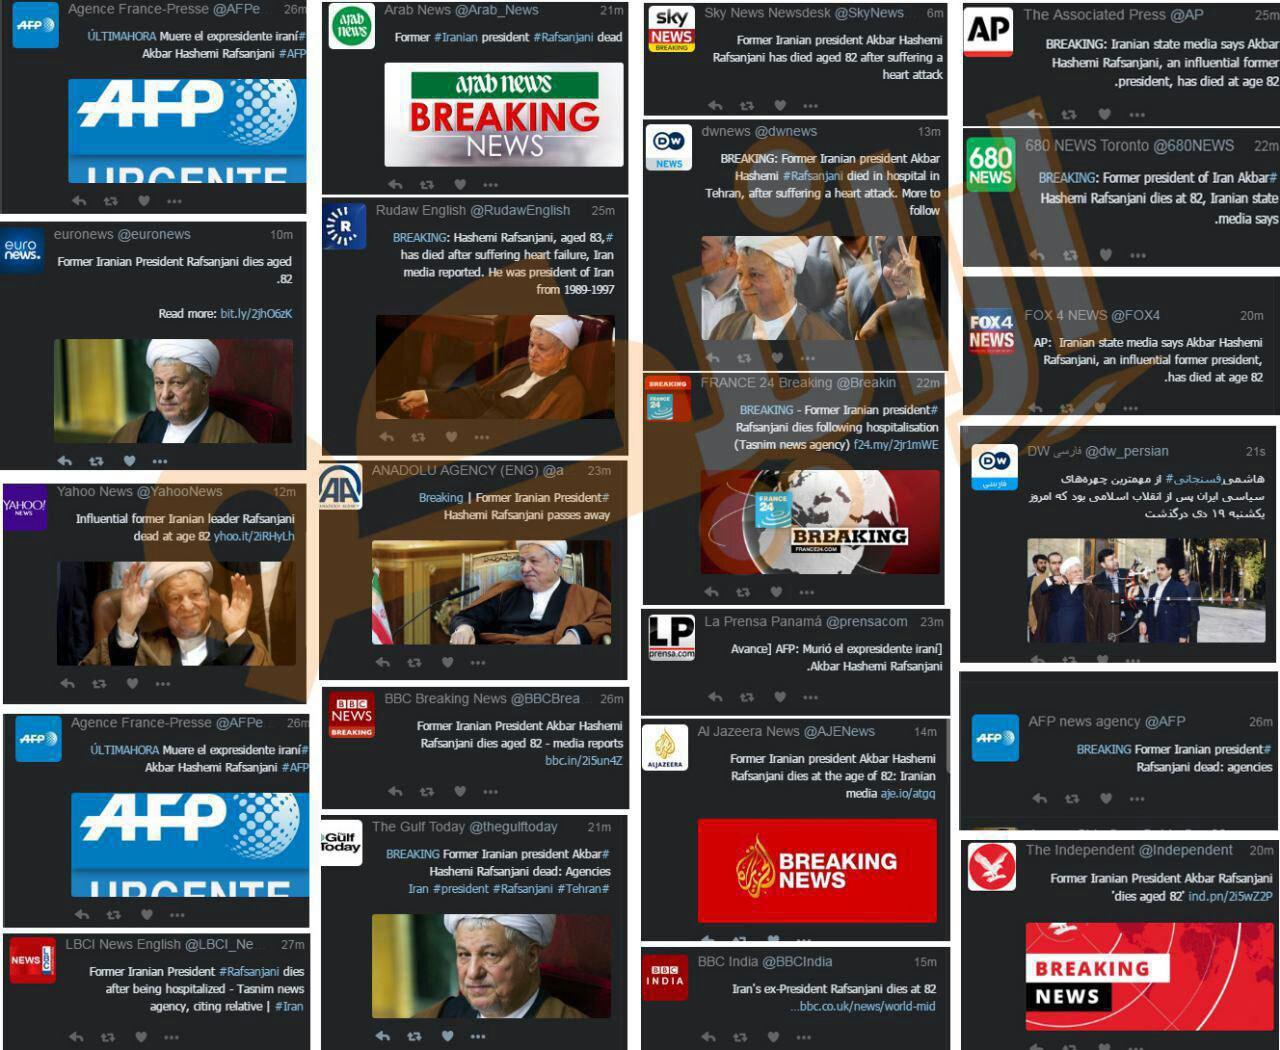 واکنش رسانه های دنیا به درگذشت آیت الله هاشمی رفسنجانی